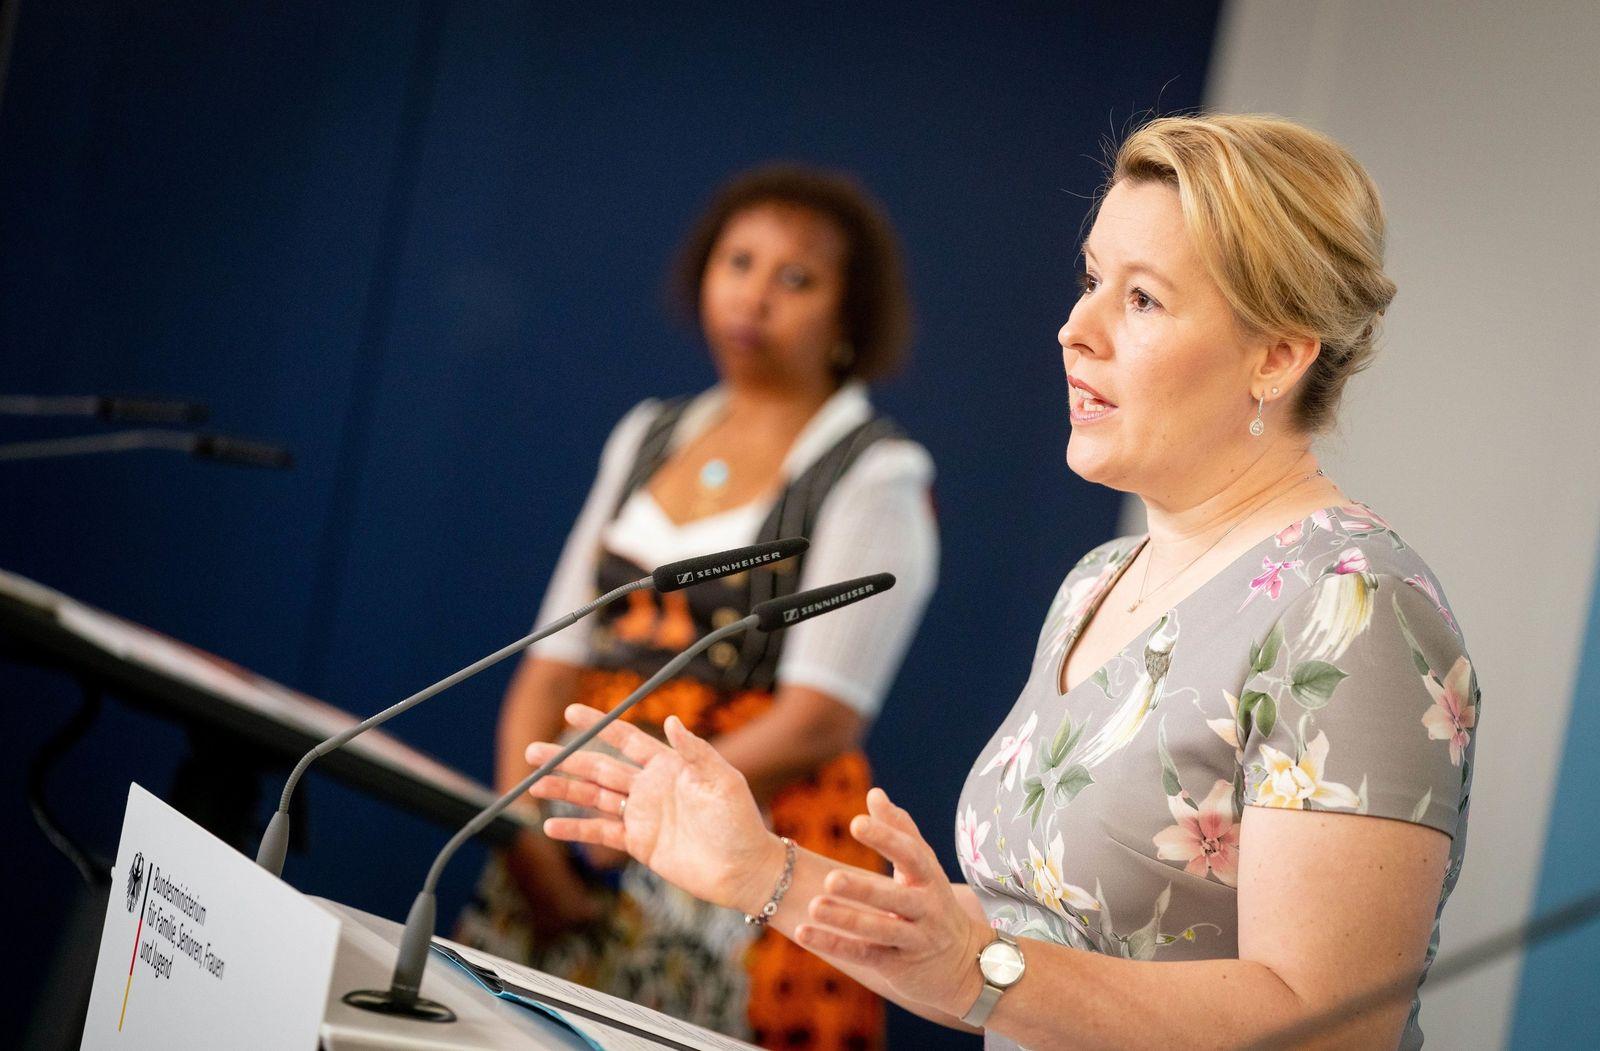 Neue Zahlen zu weiblicher Genitalverstümmelung in Deutschland